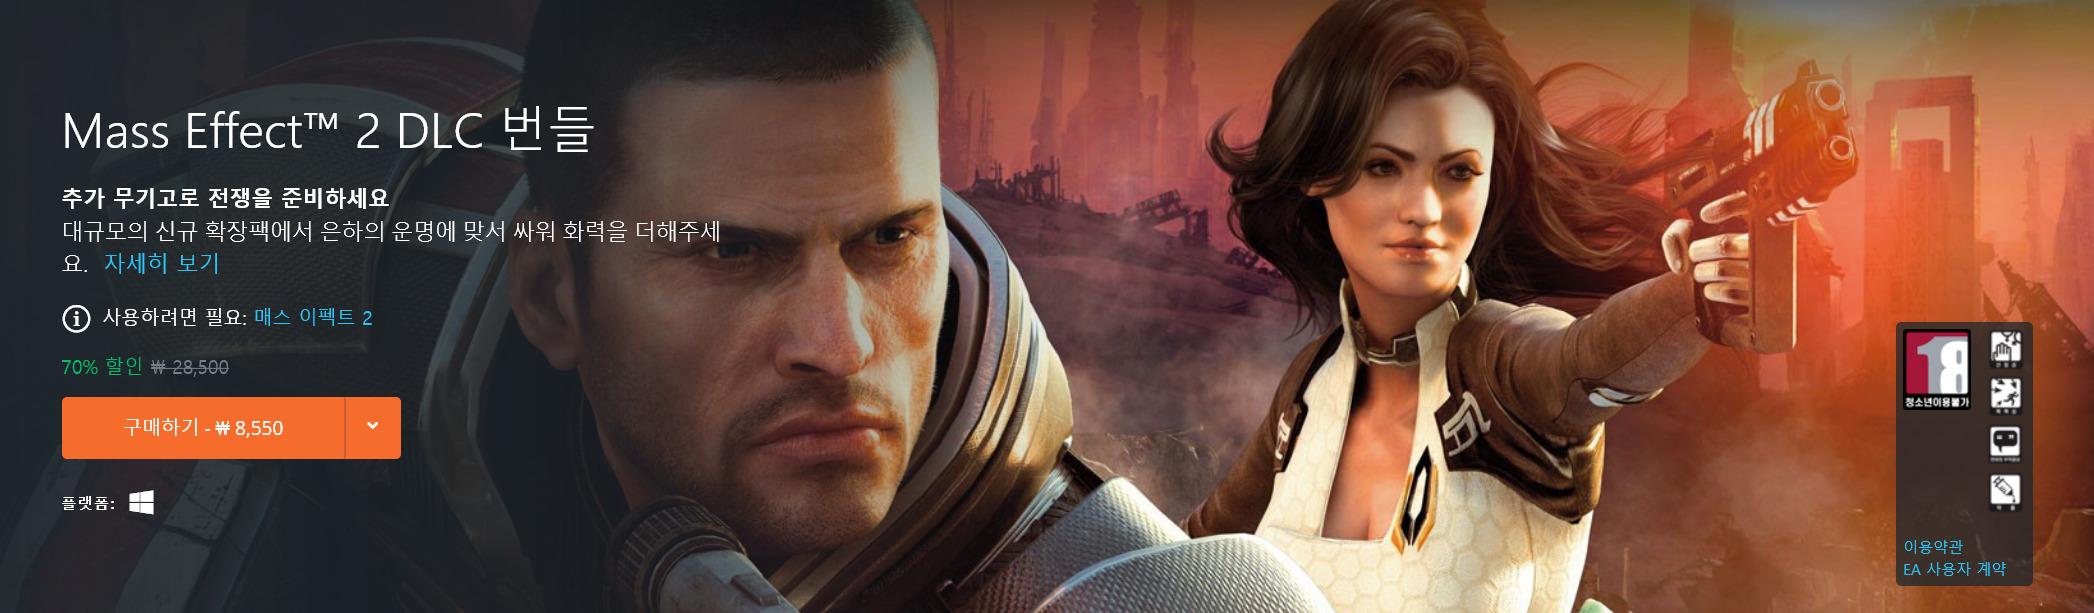 Screenshot_2020-05-12 PC 용 Mass Effect™ 2 DLC 번들.jpg